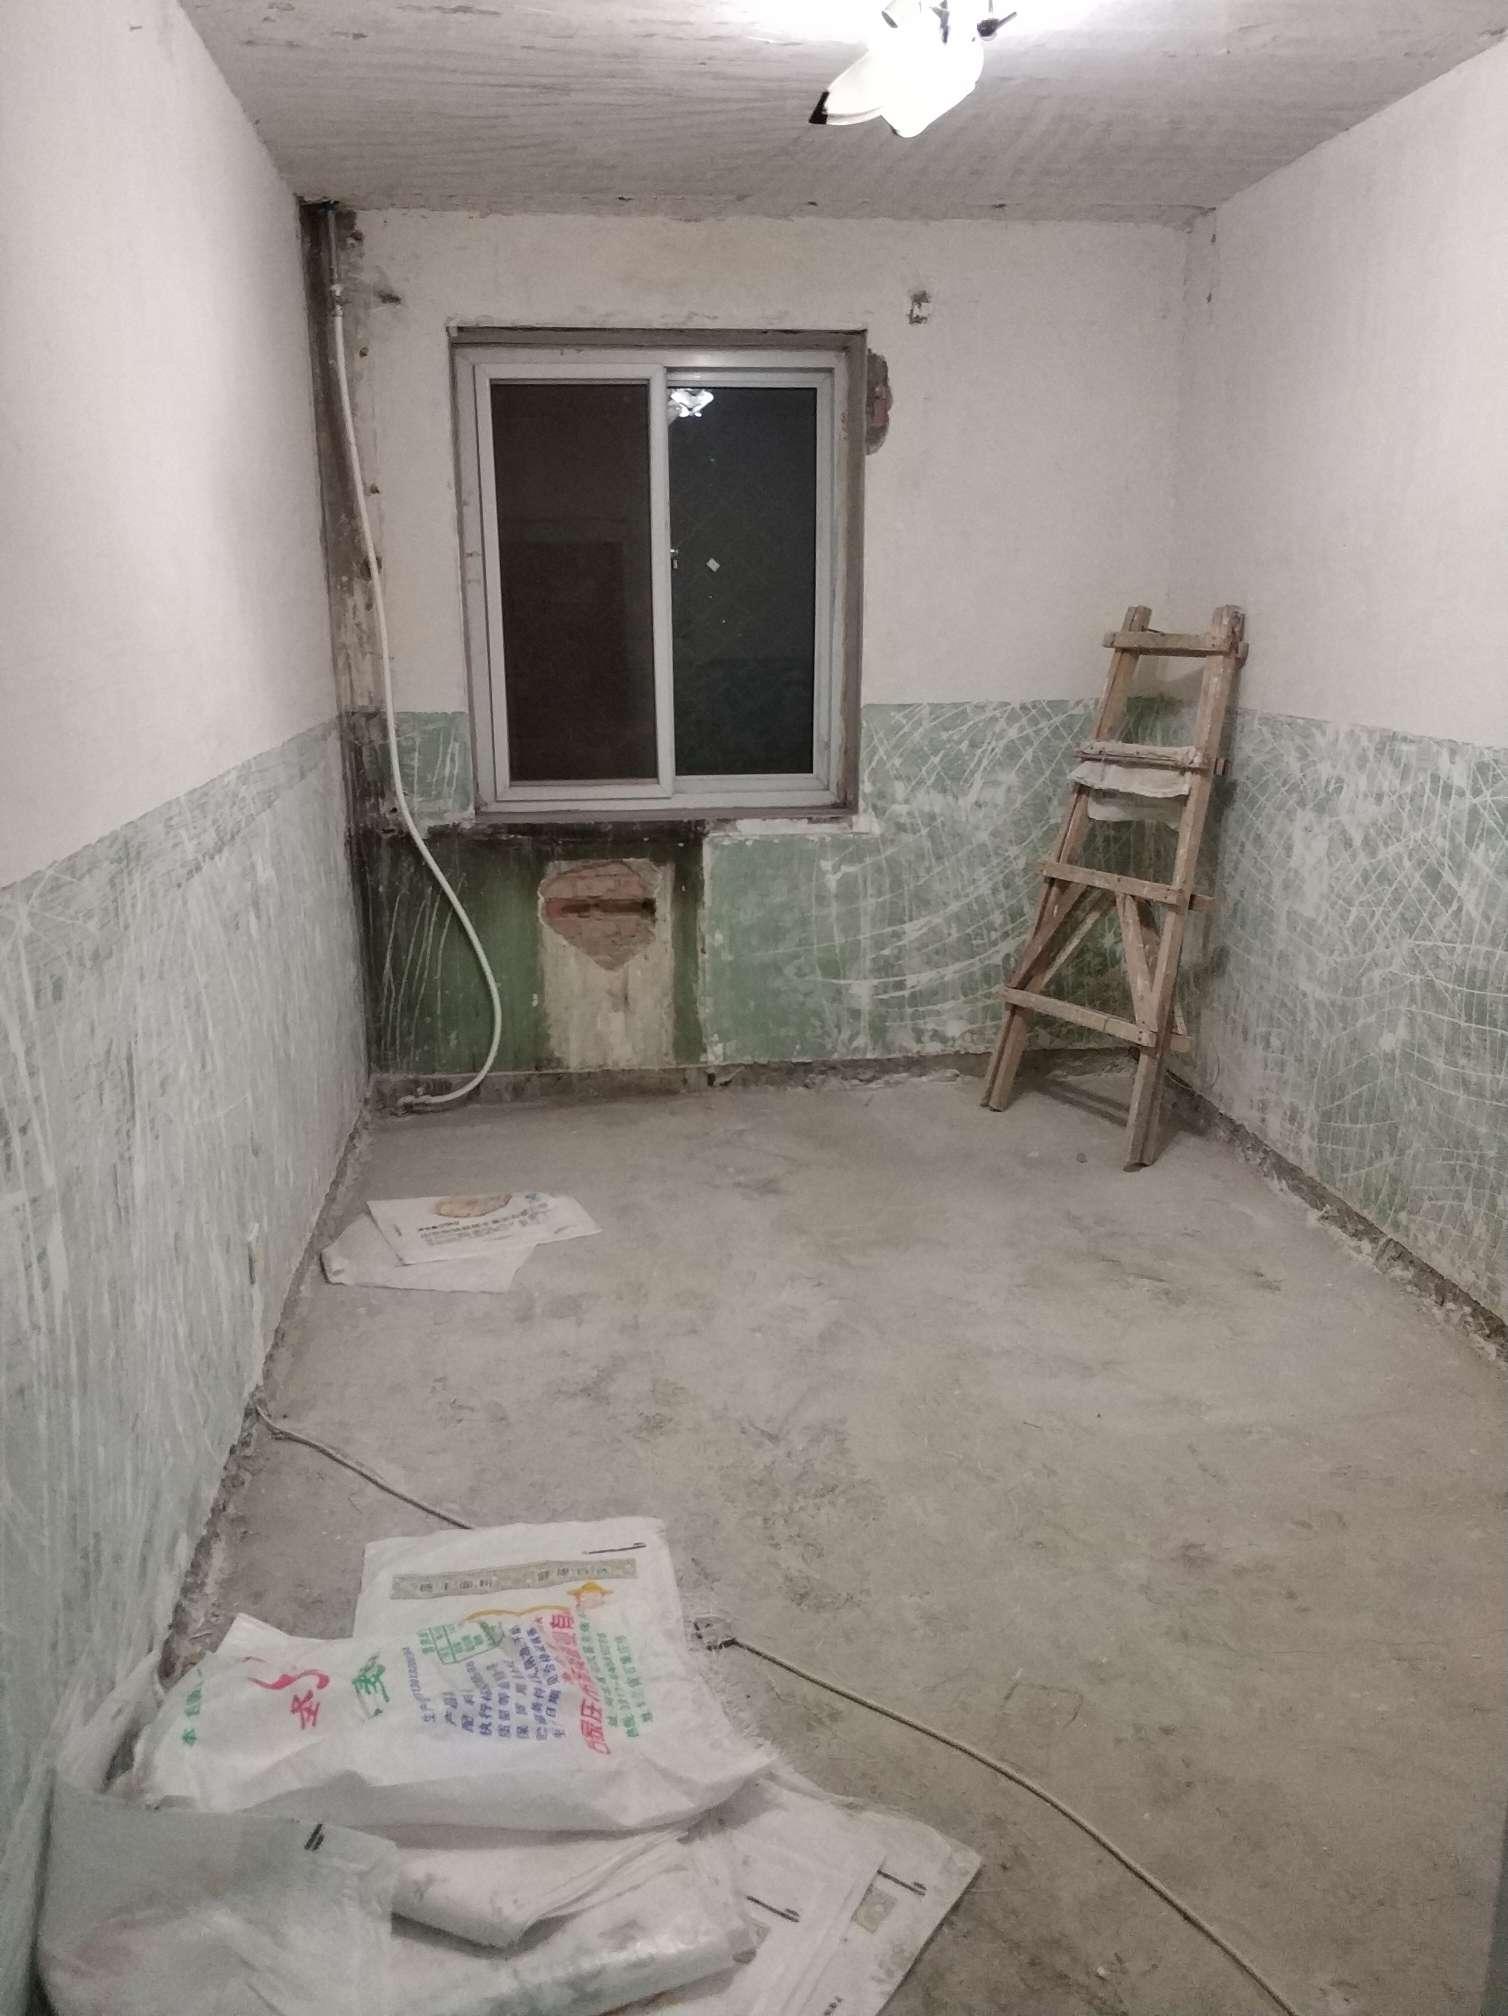 北京手帕口北街-11号院-开工准备与施工交底-2018-10-20